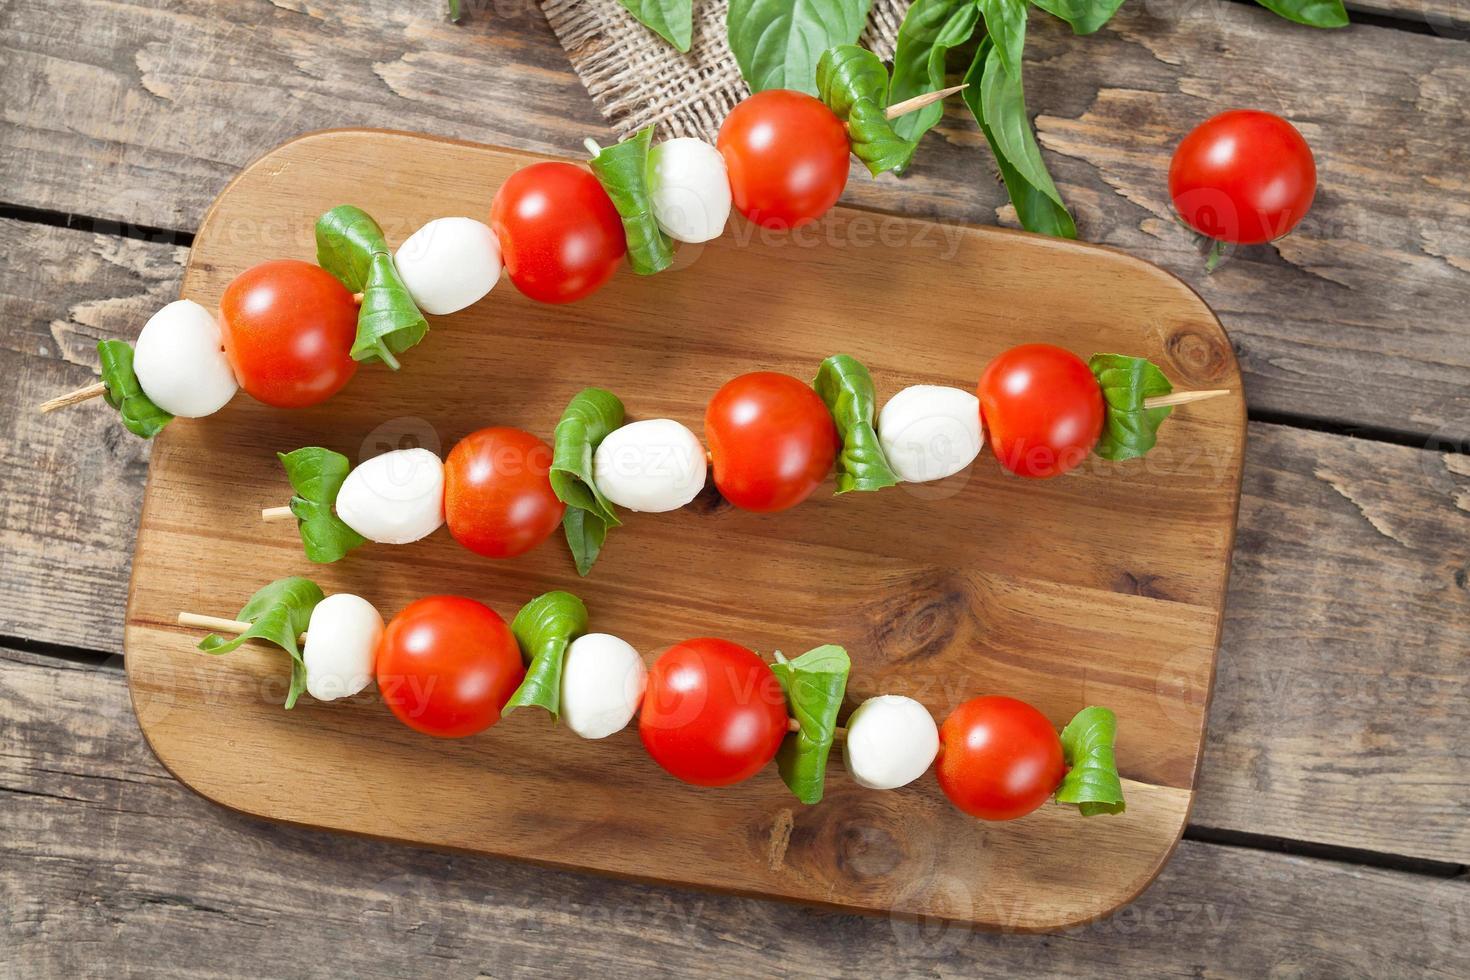 Italiaanse traditionele zelfgemaakte spiesjes met mozzarella tomaten en basilicum genoemd foto